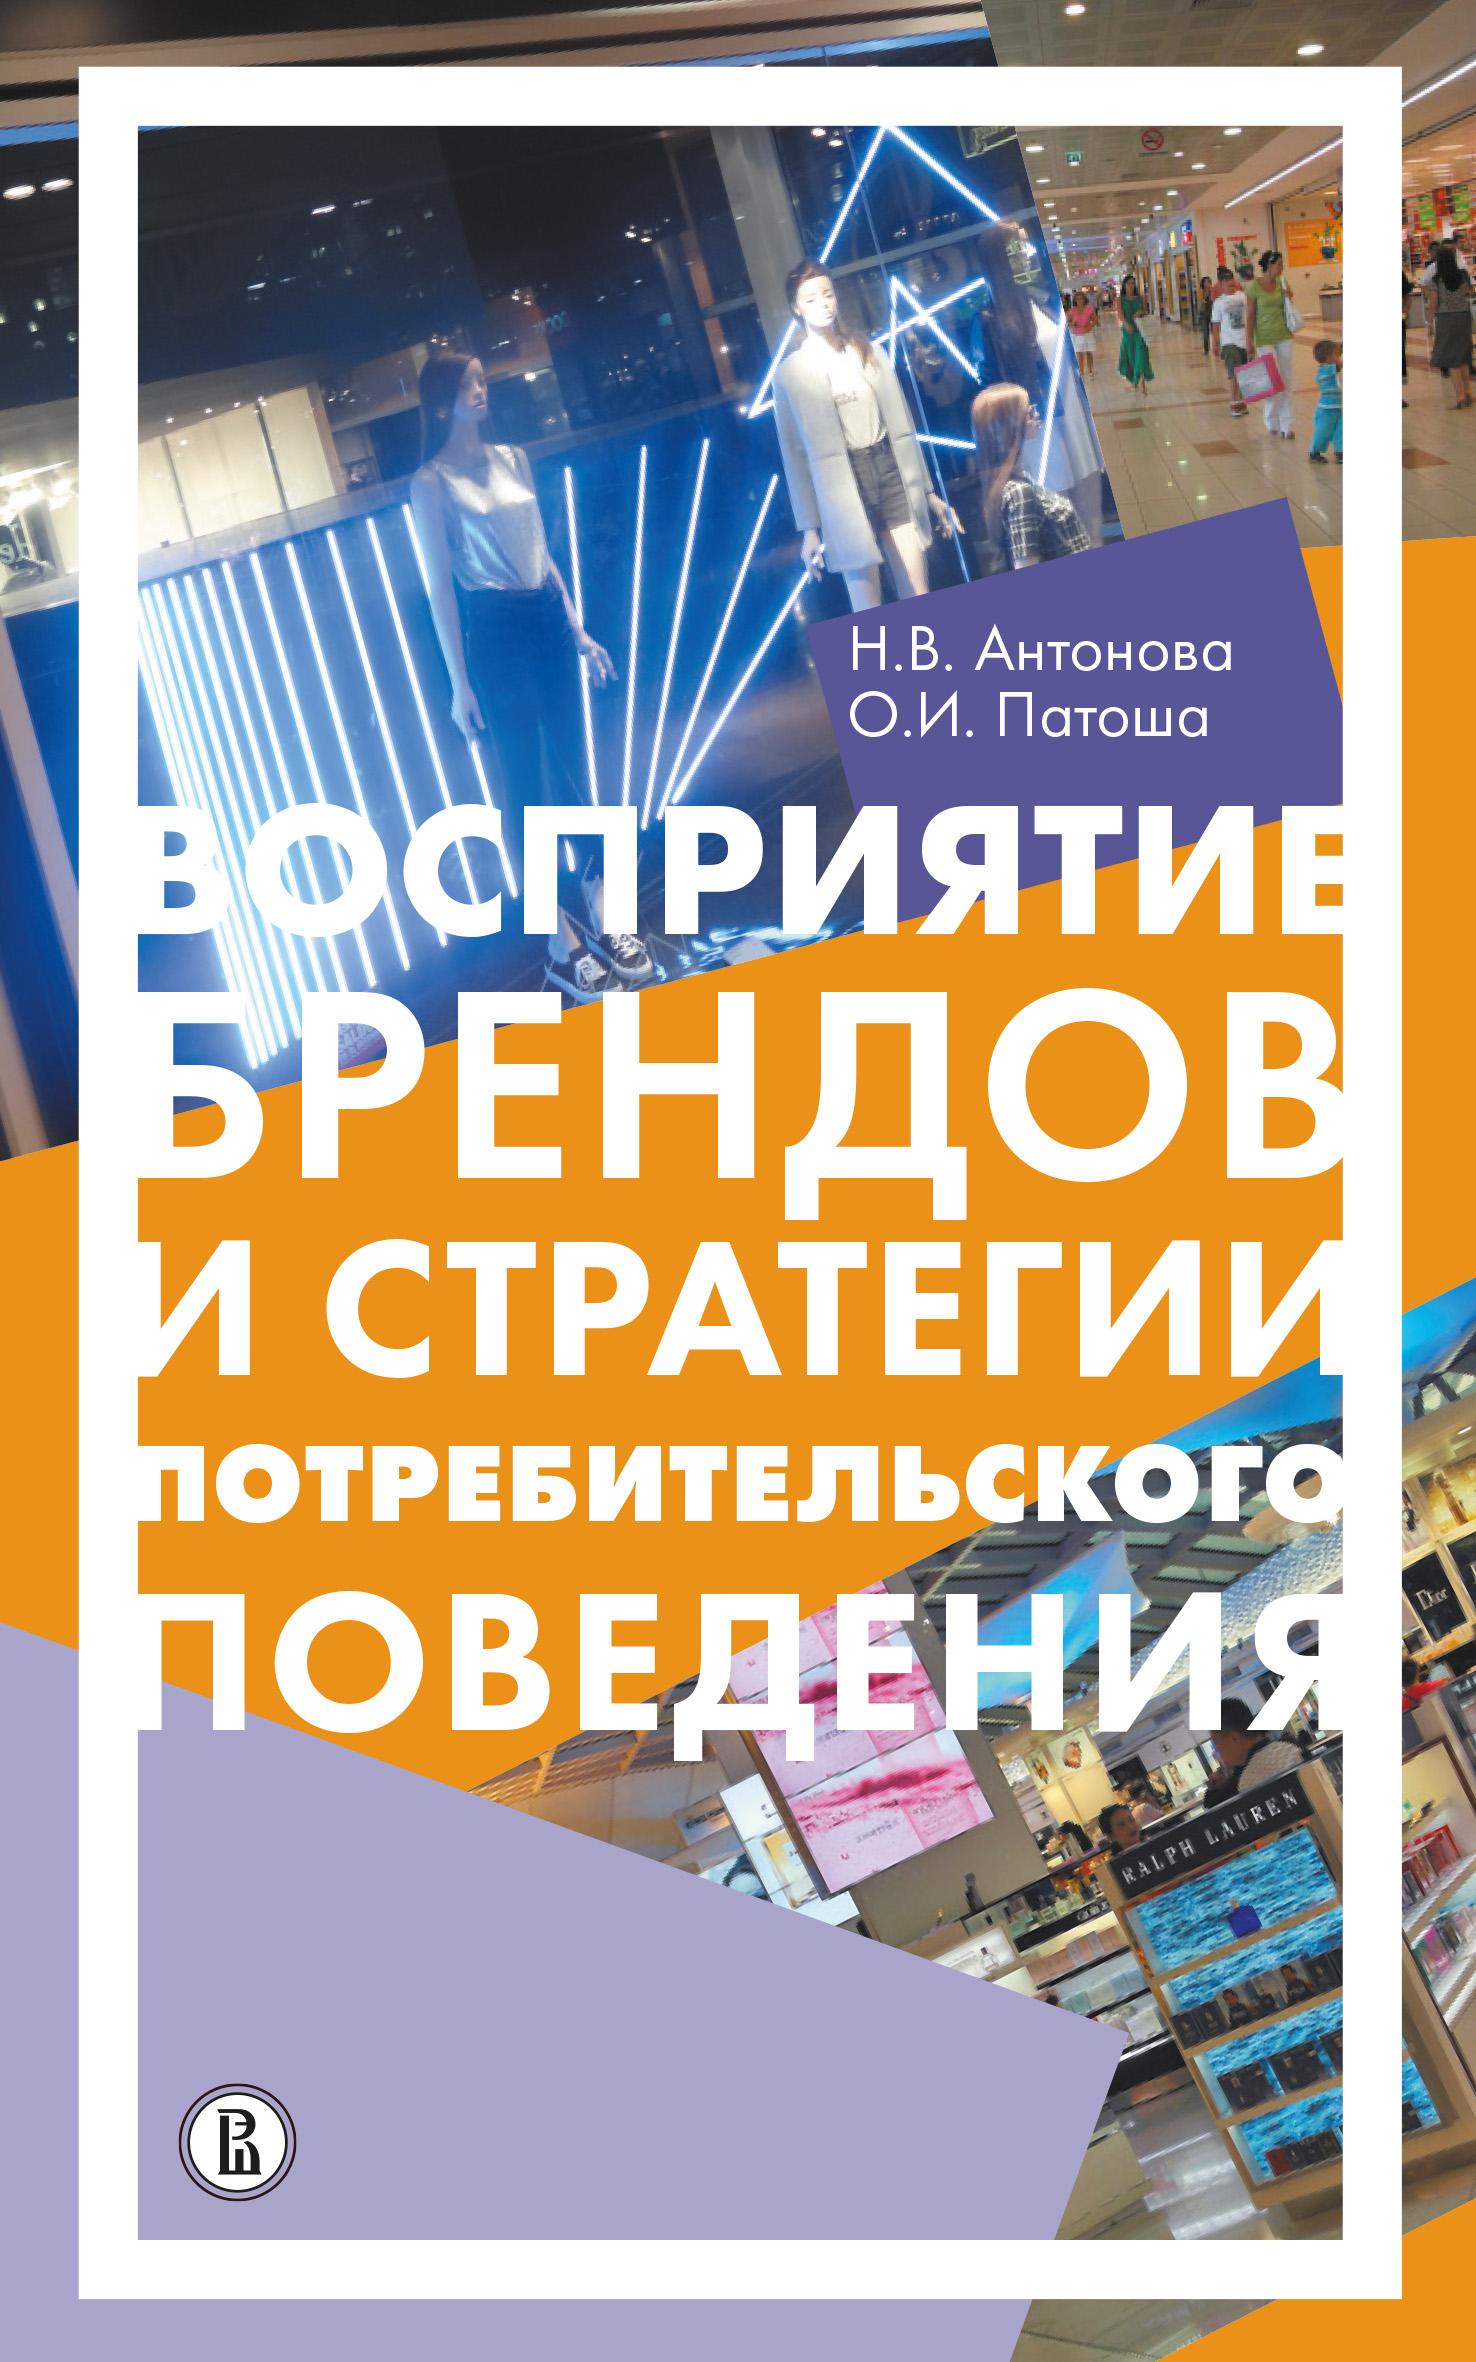 Н. В. Антонова Восприятие брендов и анализ потребительского поведения